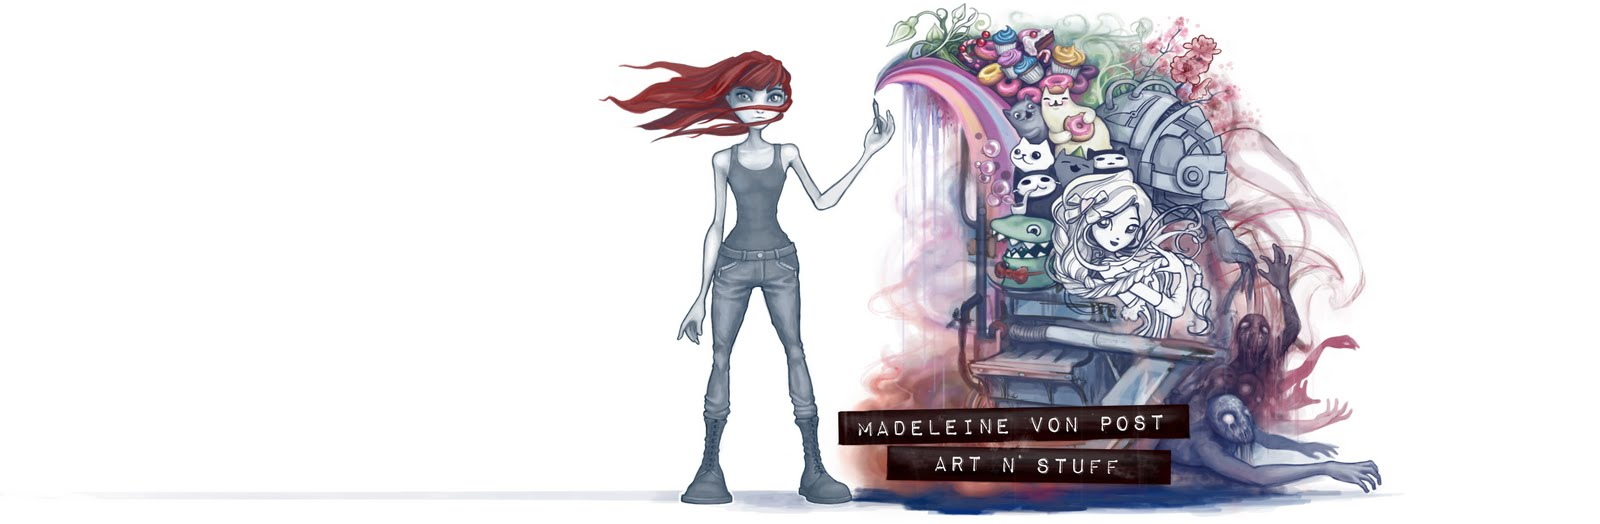 Madeleine von Post Artwork Portfolio